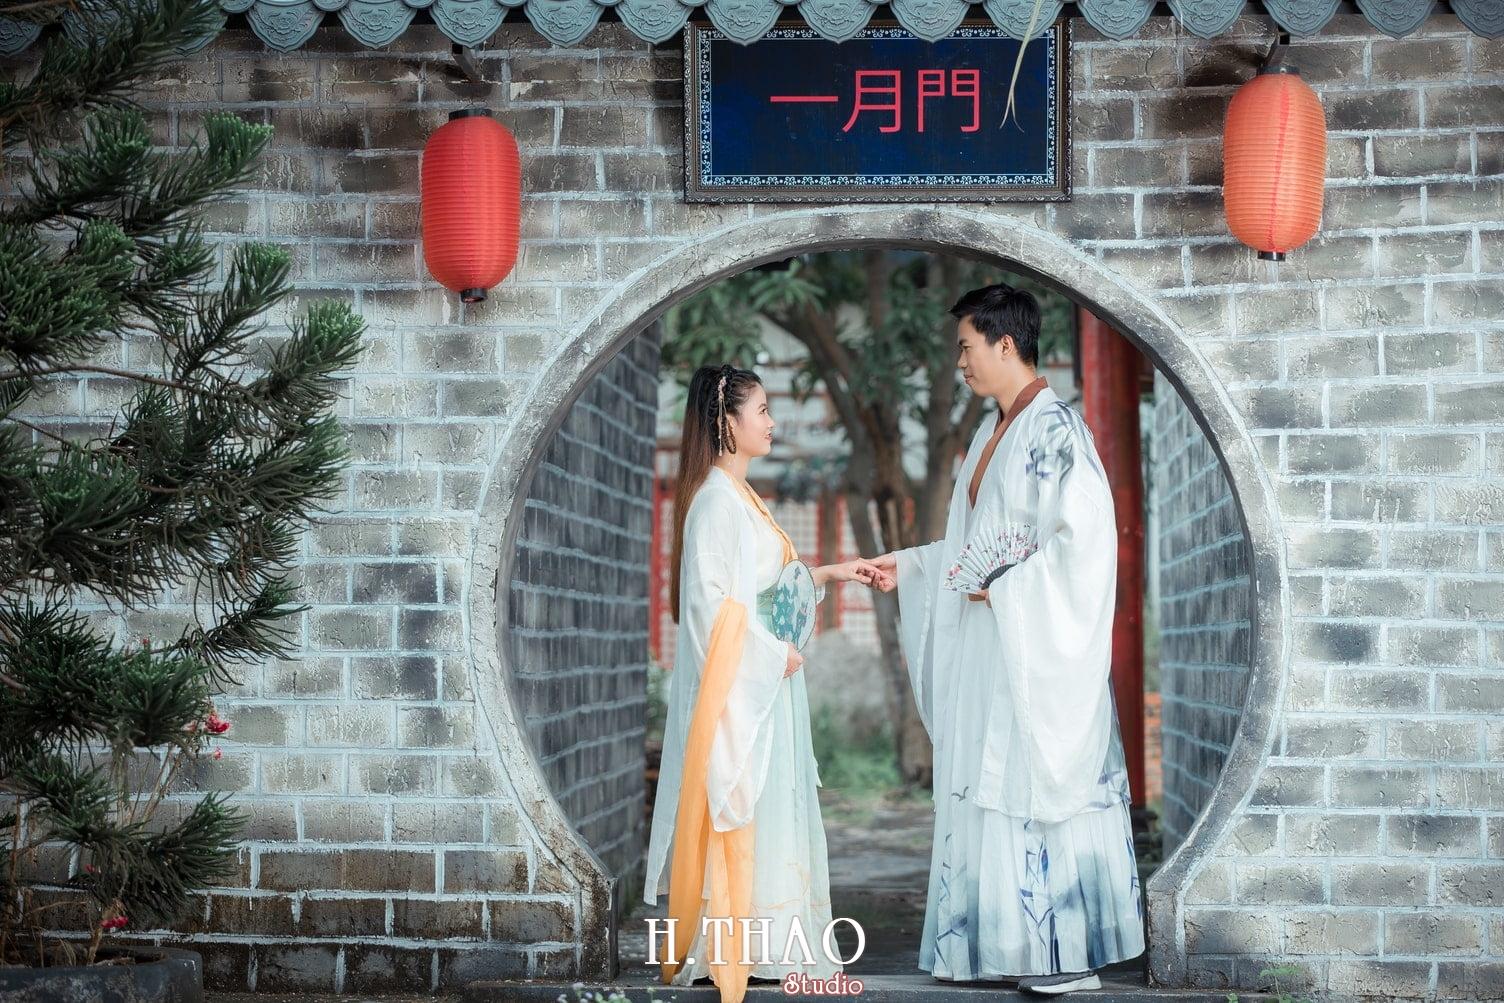 Couple co trang 3 - Album ảnh chụp cổ trang couple đôi bạn đẹp độc lạ - HThao Studio